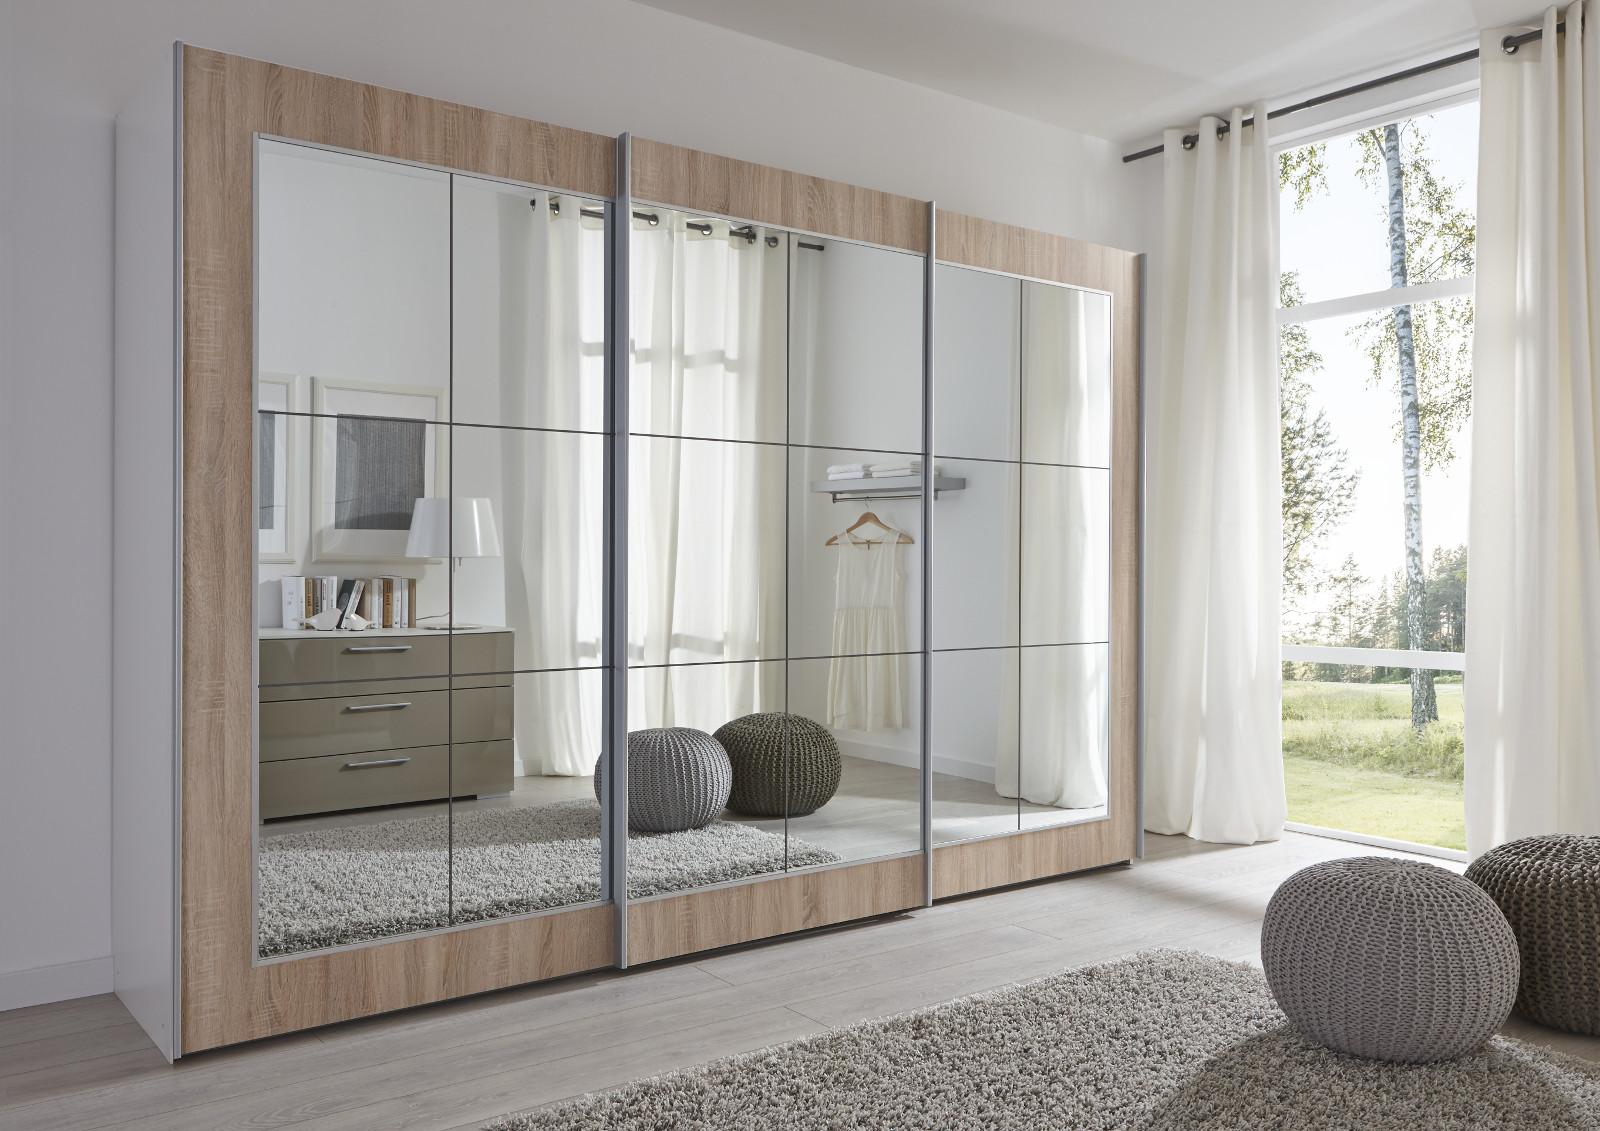 schwebet renschrank kleiderschrank eiche spiegel. Black Bedroom Furniture Sets. Home Design Ideas